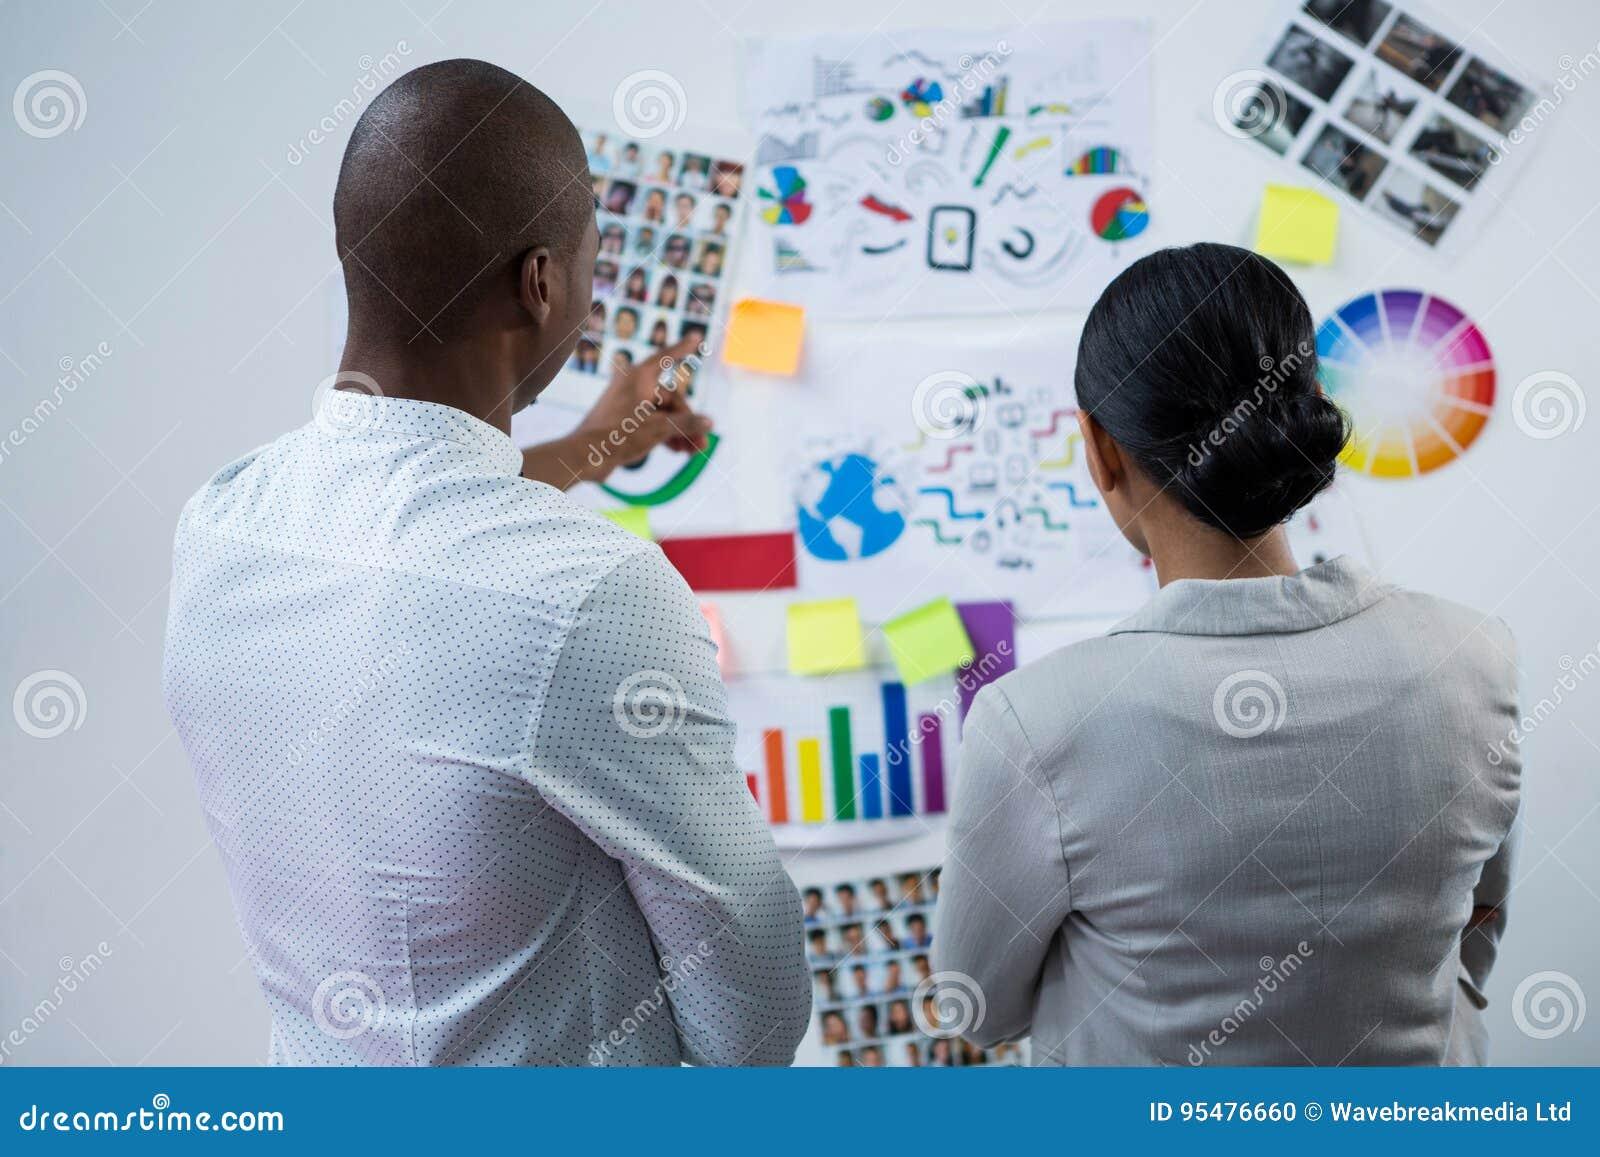 Tylni widok projektant grafik komputerowych dyskutuje nad mapami i wykresem